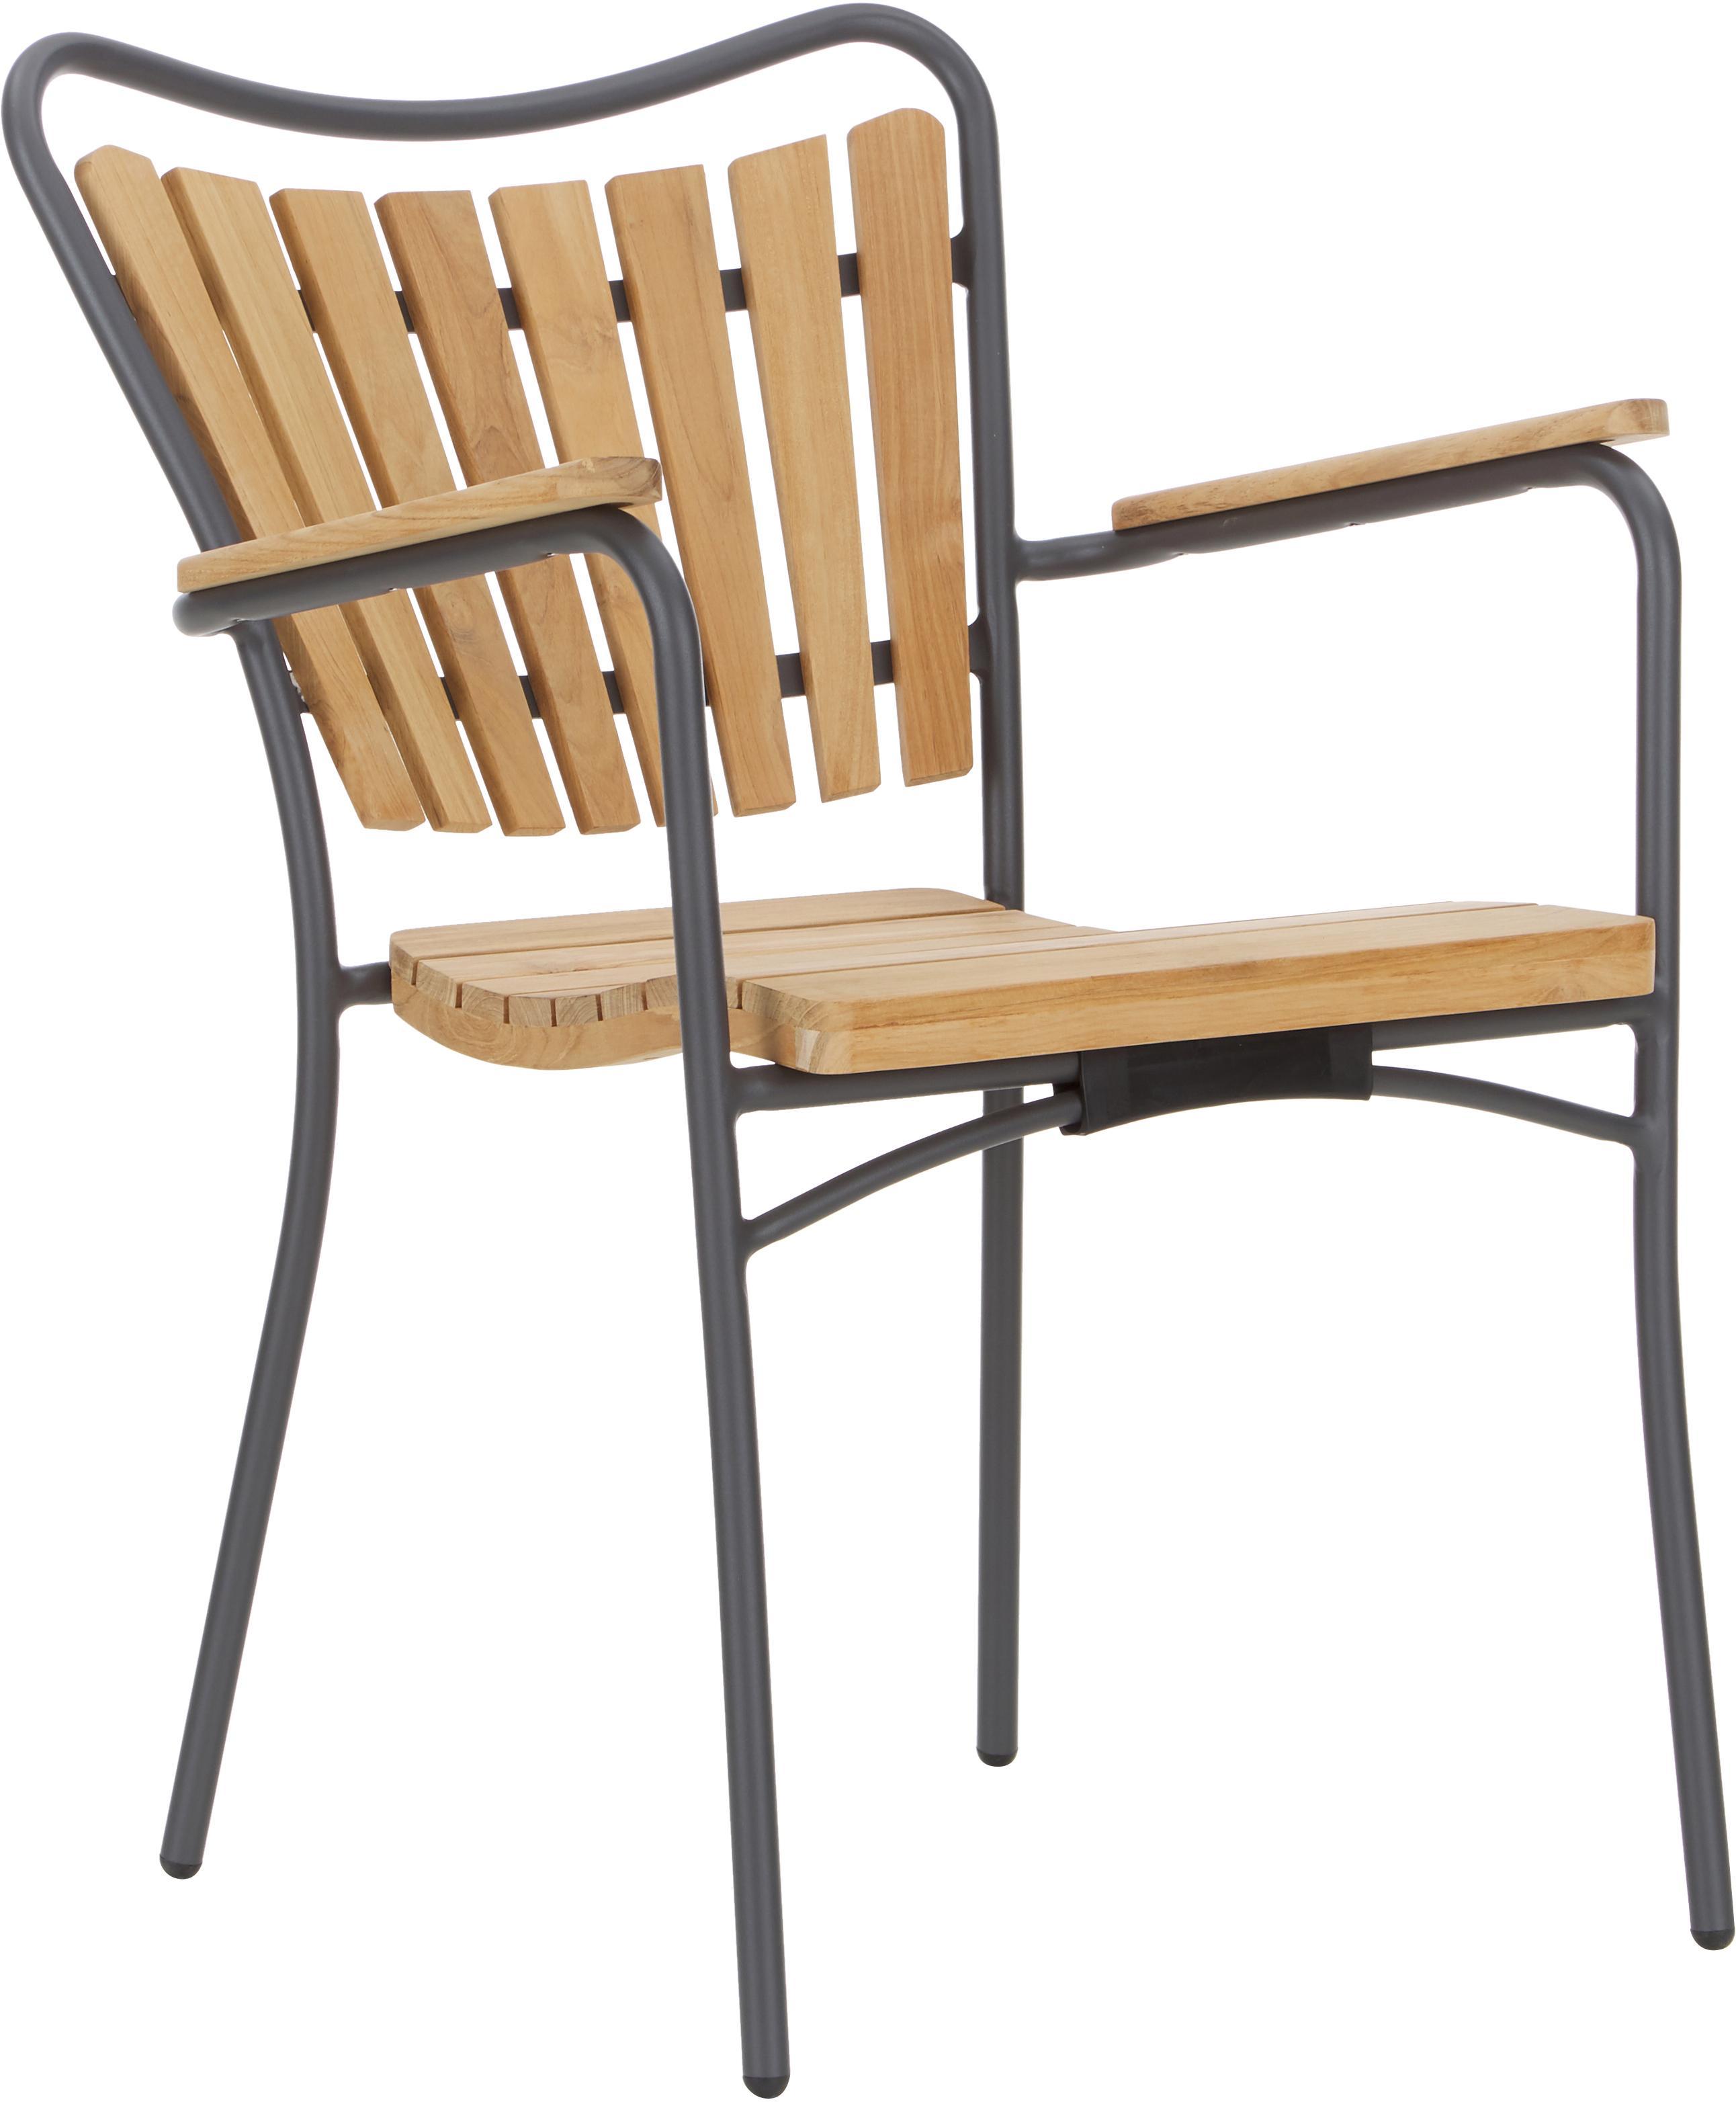 Silla con reposabrazos de jardín de madera Hard & Ellen, Estructura: aluminio con pintura en p, Gris antracita, teca, An 56 x Al 78 cm